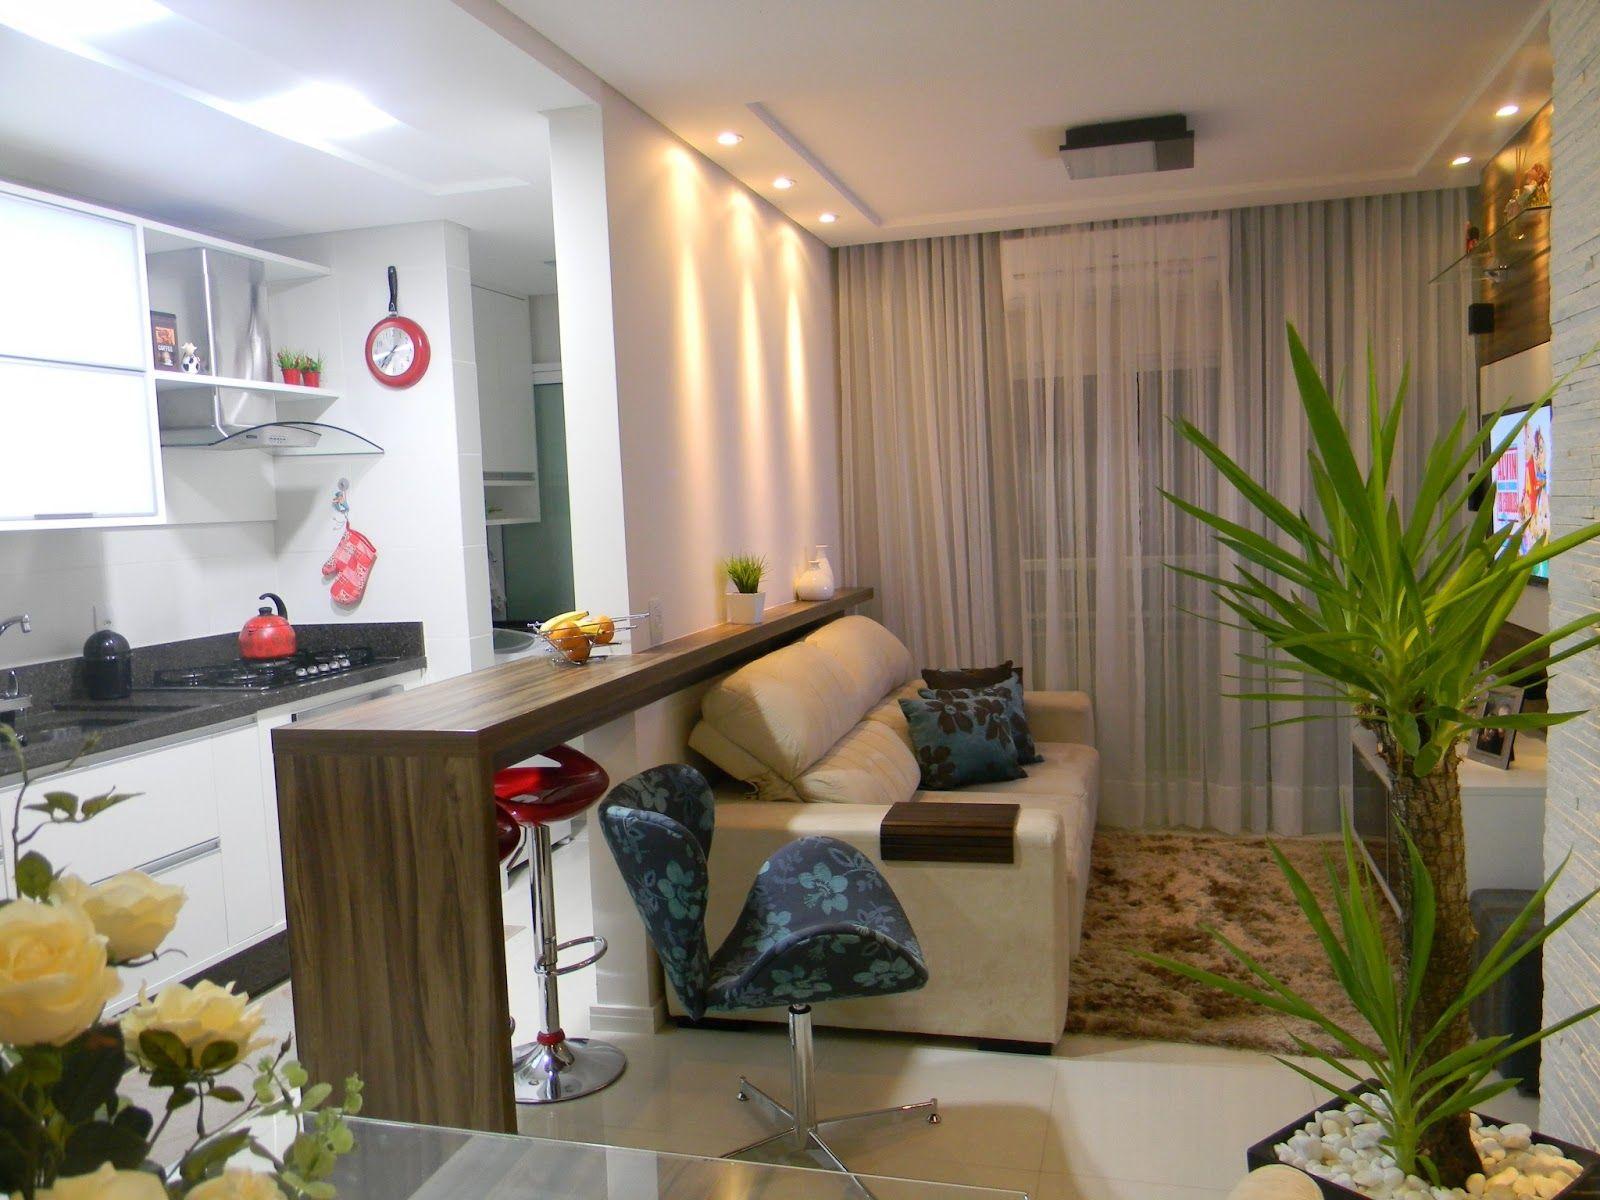 Pin von DAIA ZUGEL auf Casa | Pinterest | Spanien, Wohnzimmer und ...